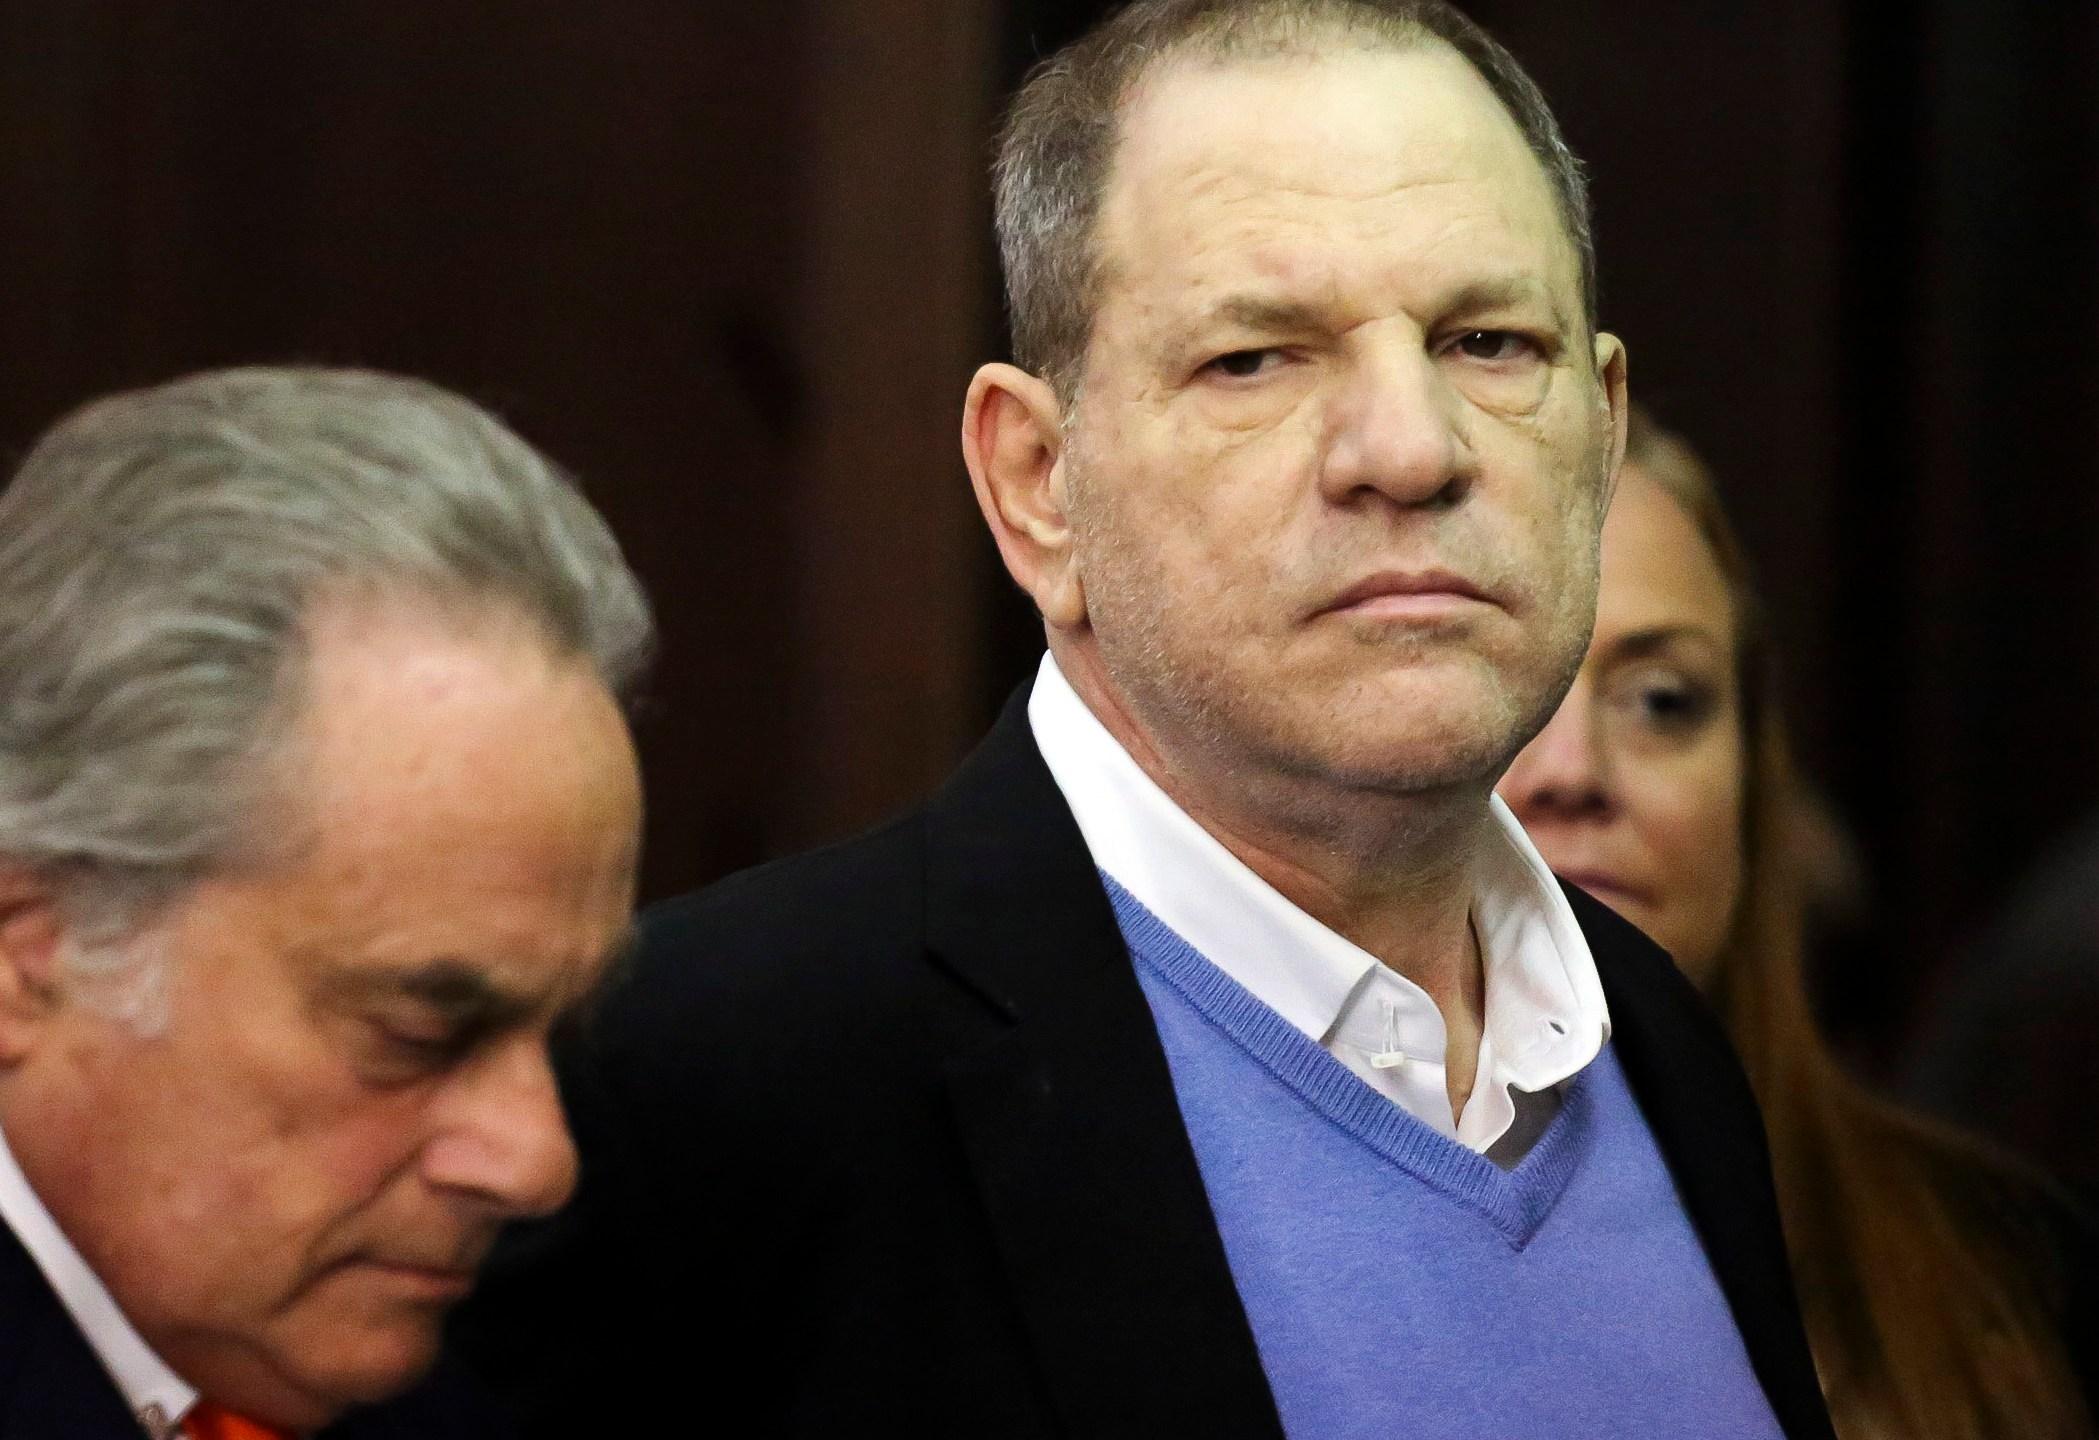 Sexual_Misconduct_Weinstein_52527-159532.jpg61105412